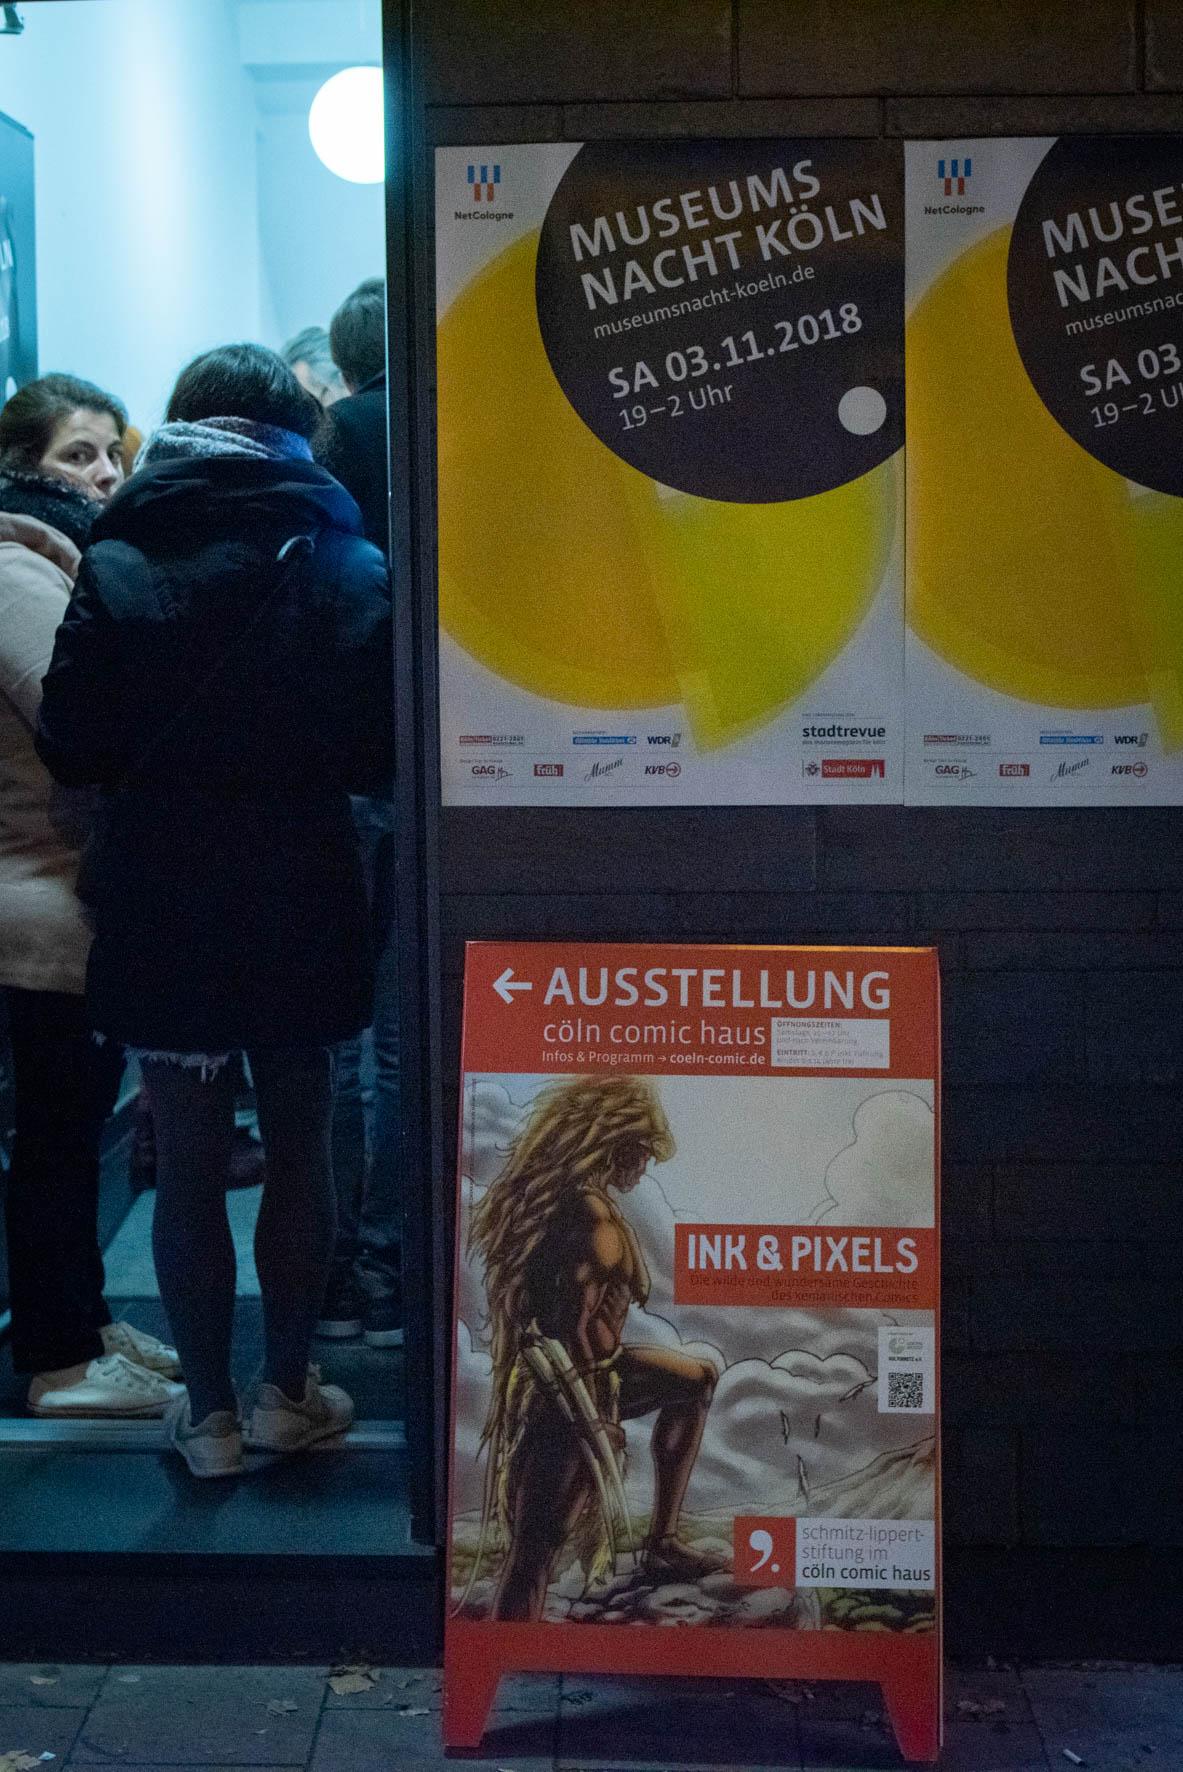 """Museumsnacht 2018 im Cöln Comic Haus - Wegweiser in die aktuelle Ausstellung """"Ink & Pixels"""""""